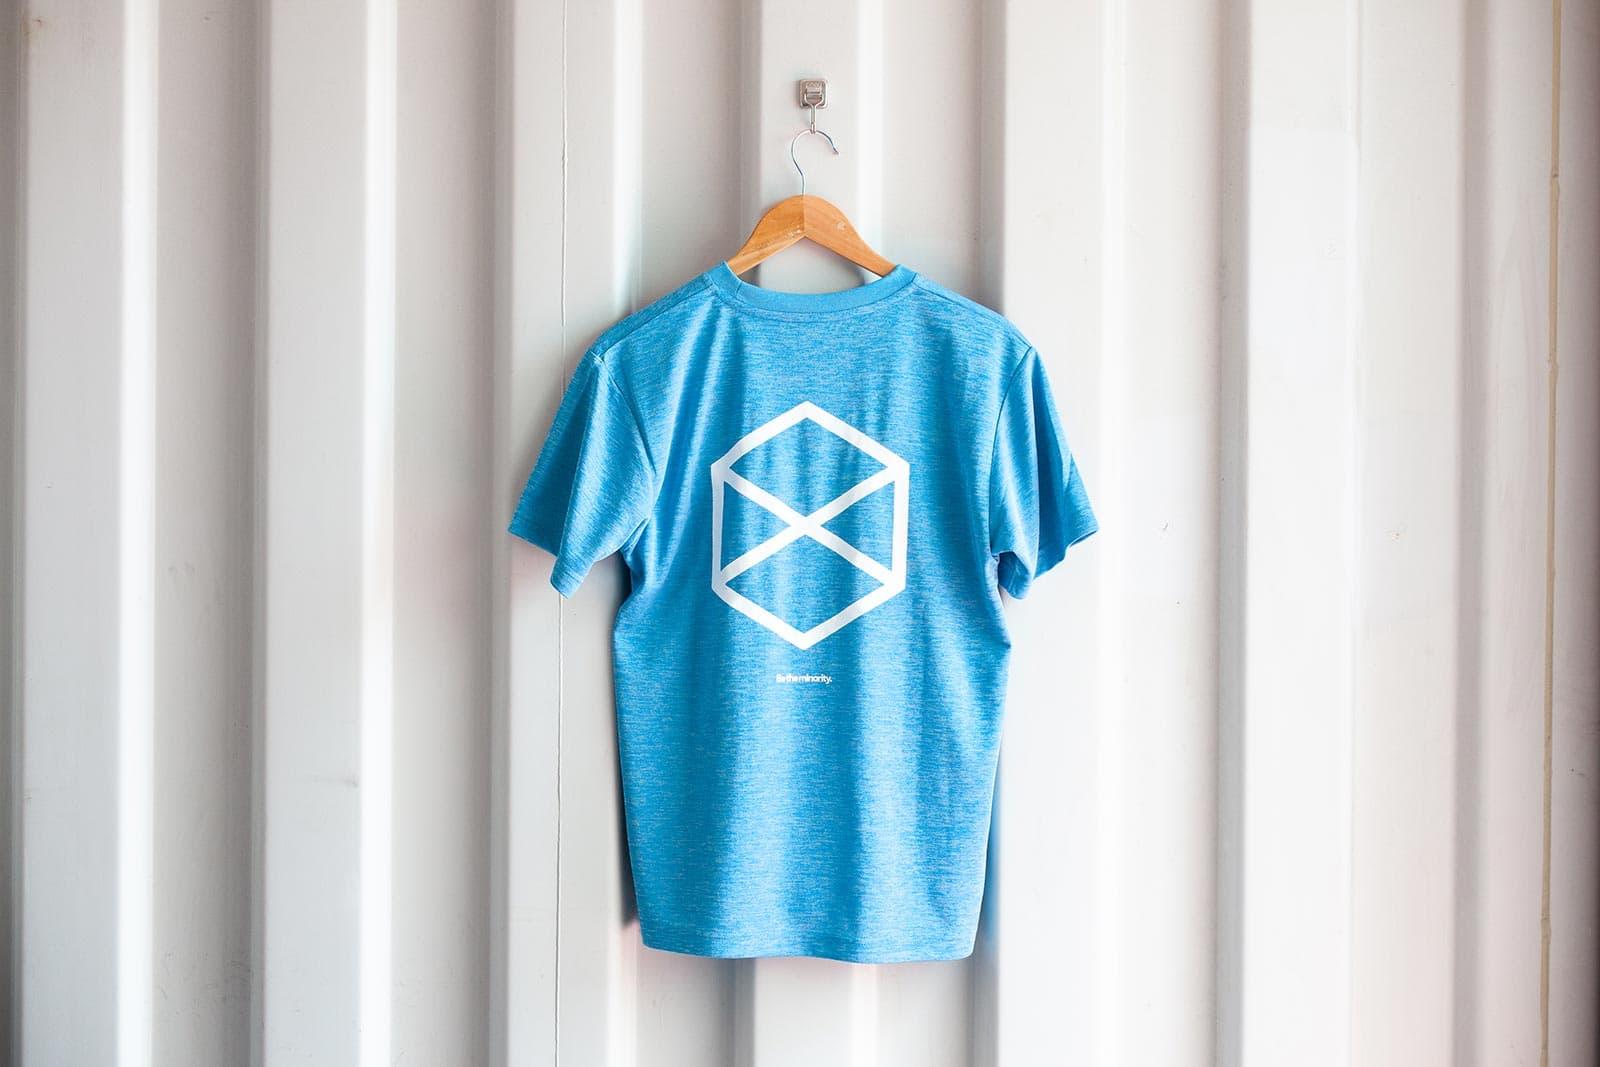 ミノリテロゴTシャツ/ヘザーブルー背面